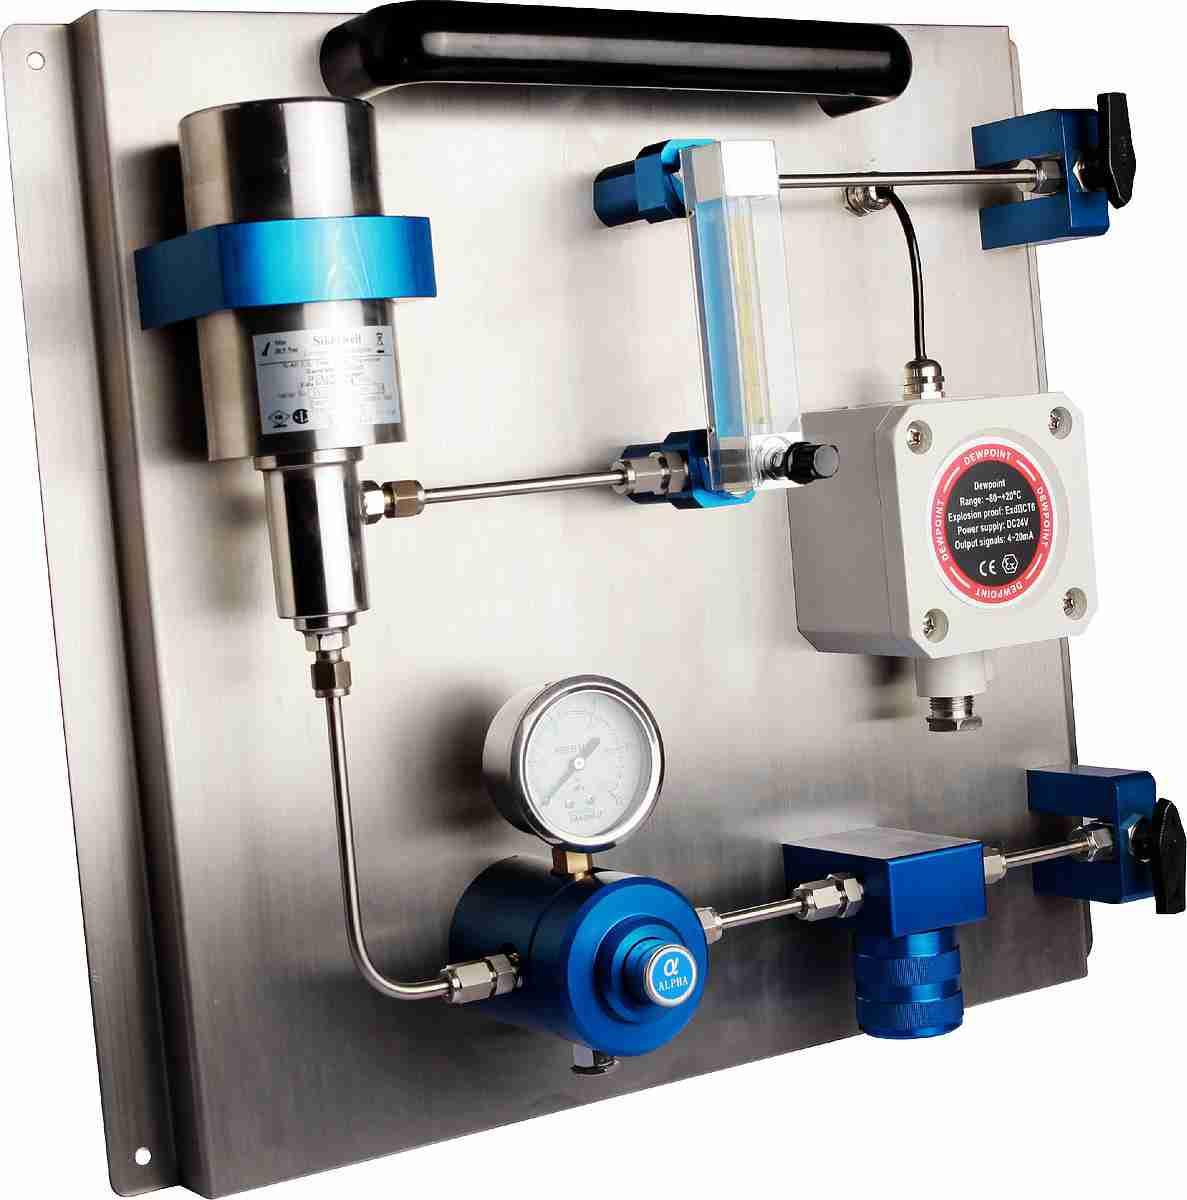 HNP-60 IS 本安型在线氢气露点分析仪